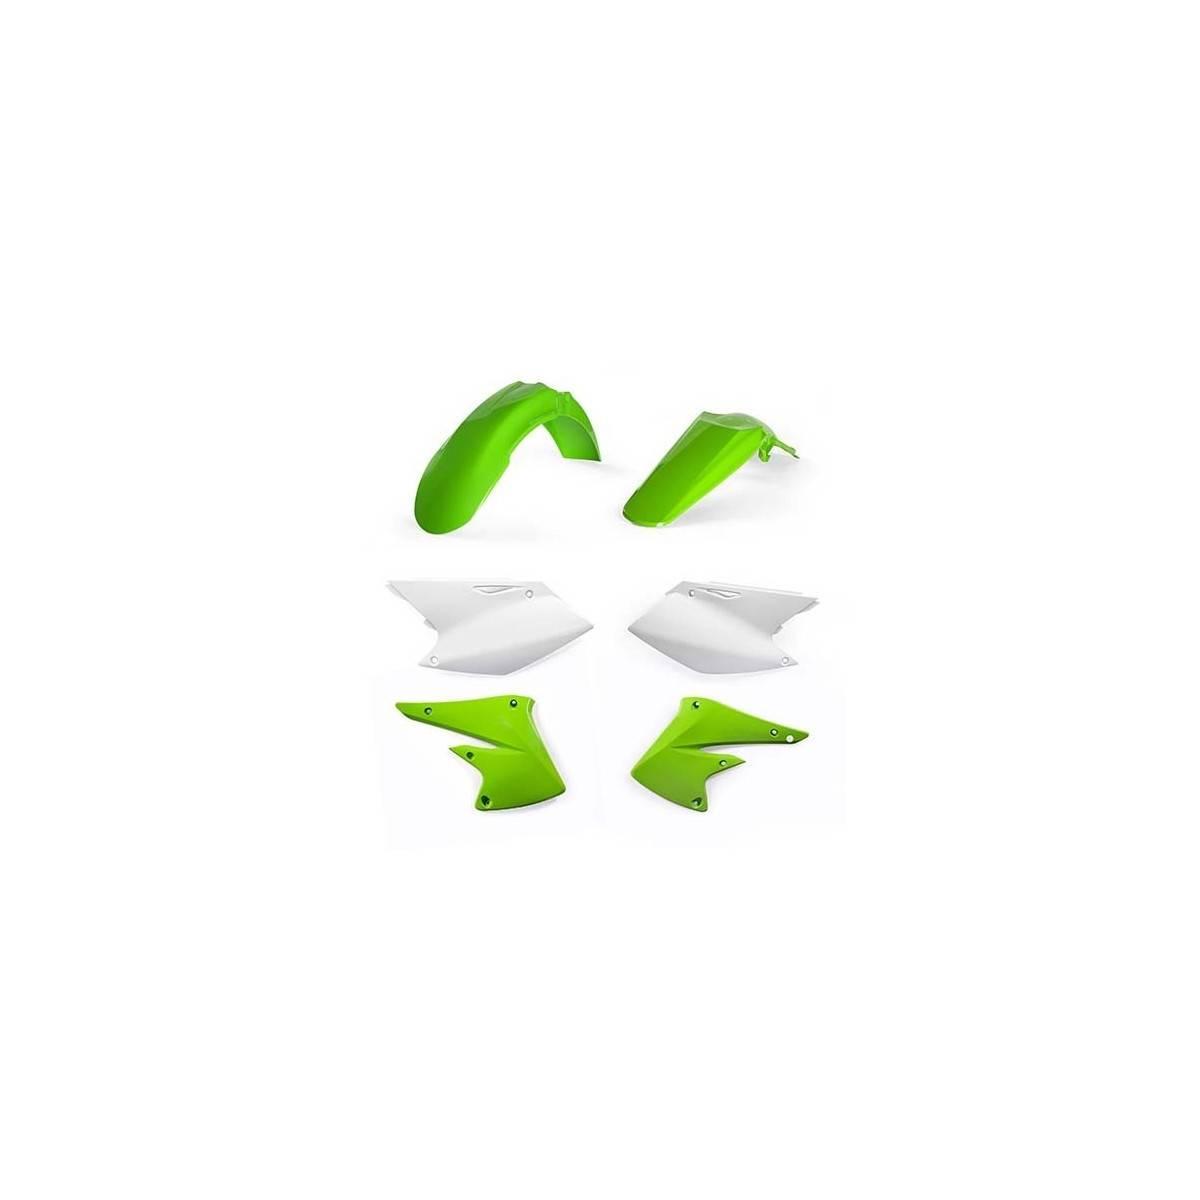 0013142-553 - Kit Plasticos Kxf 450 09 11 Origen